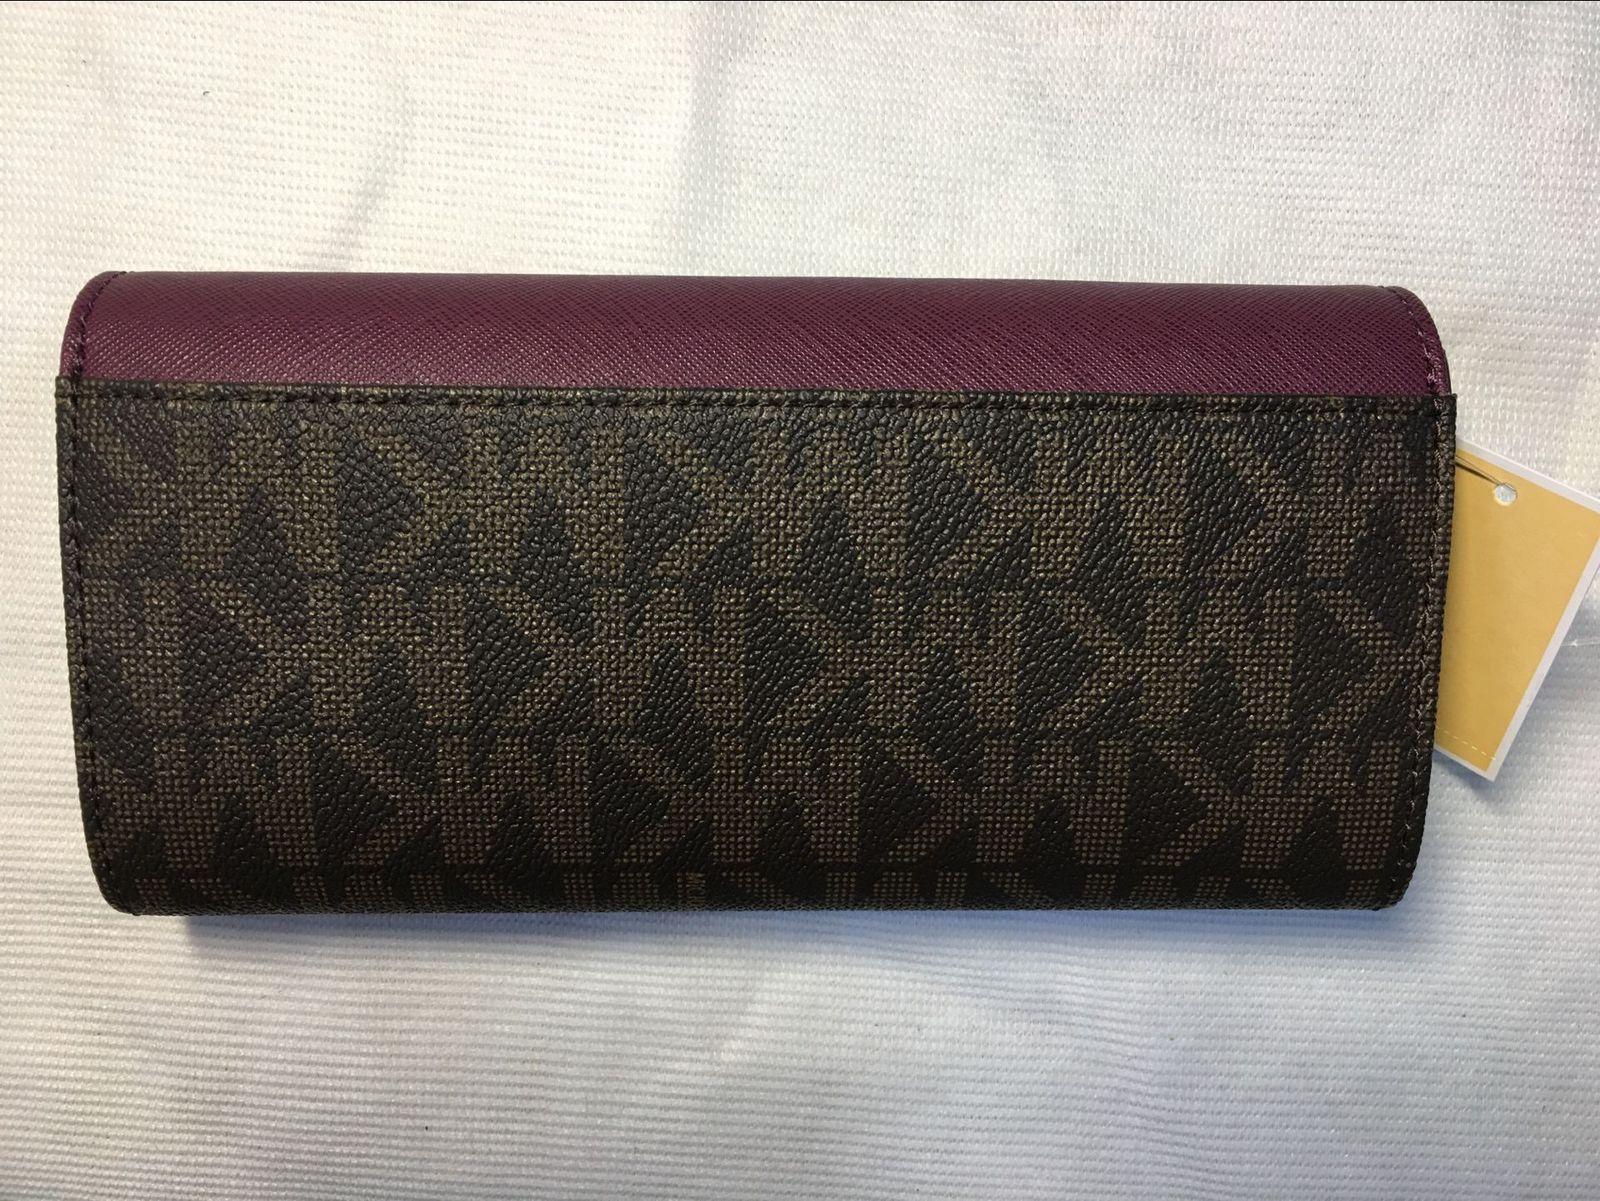 0d8a610dc49b Authentic Michael Kors Signature PVC and Leather Bridgette Flap Wallet  BRN/PLUM